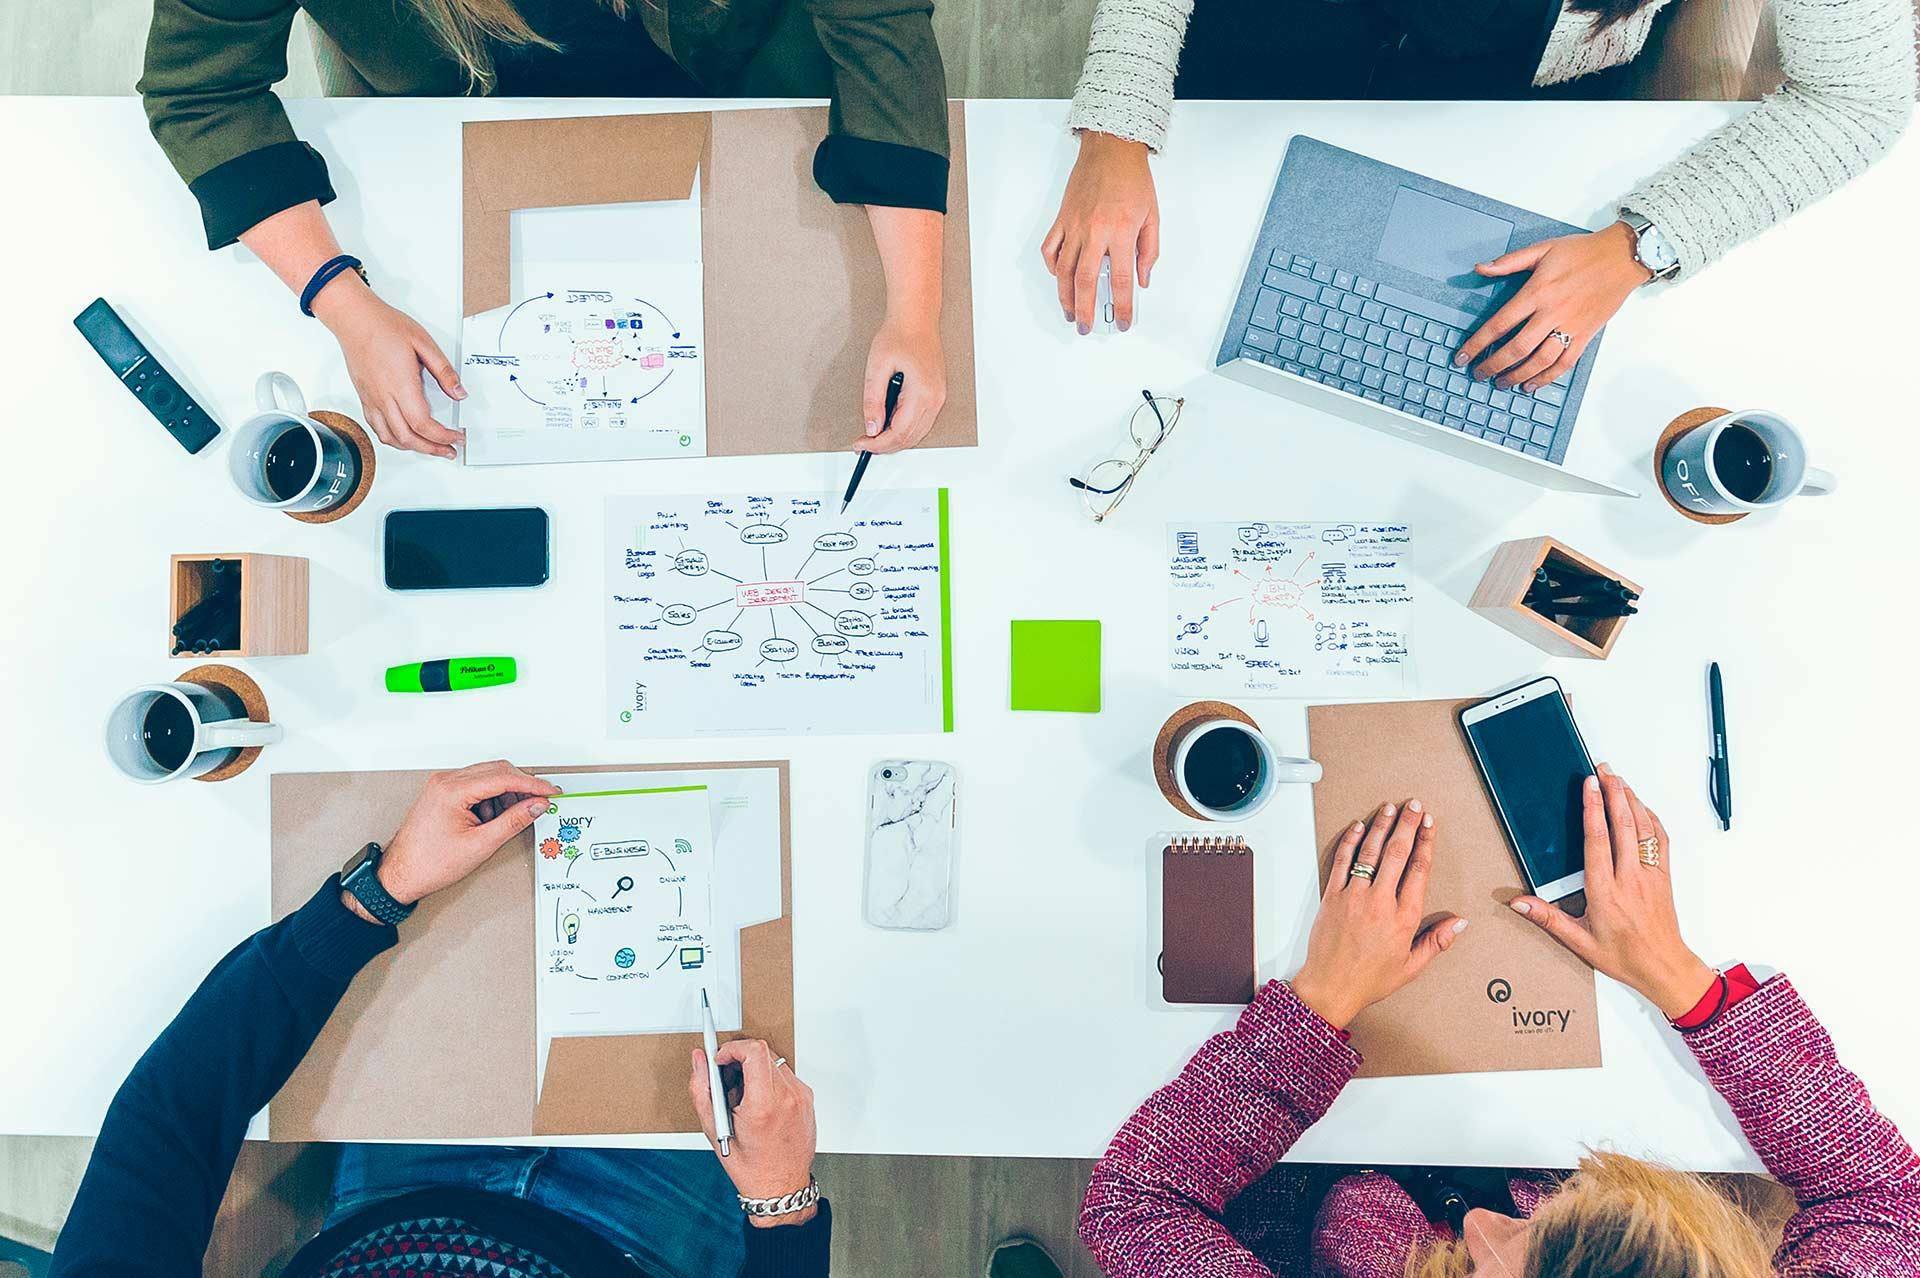 Plano cenital en la sala de reuniones de Ivory Soluciones, con el equipo compartiendo ideas